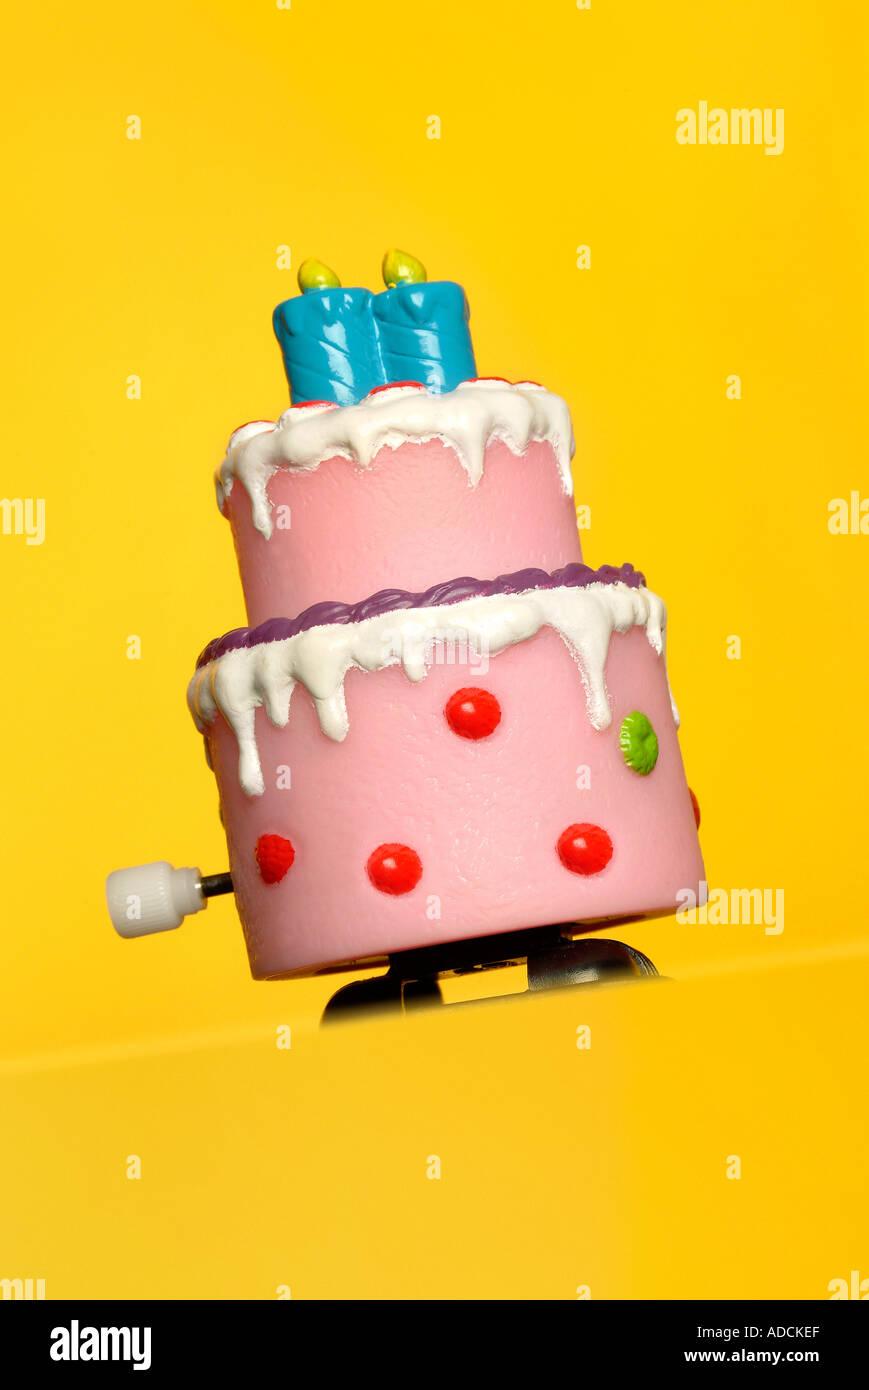 Geburtstagskuchen Geburtstagskuchen Stockbild